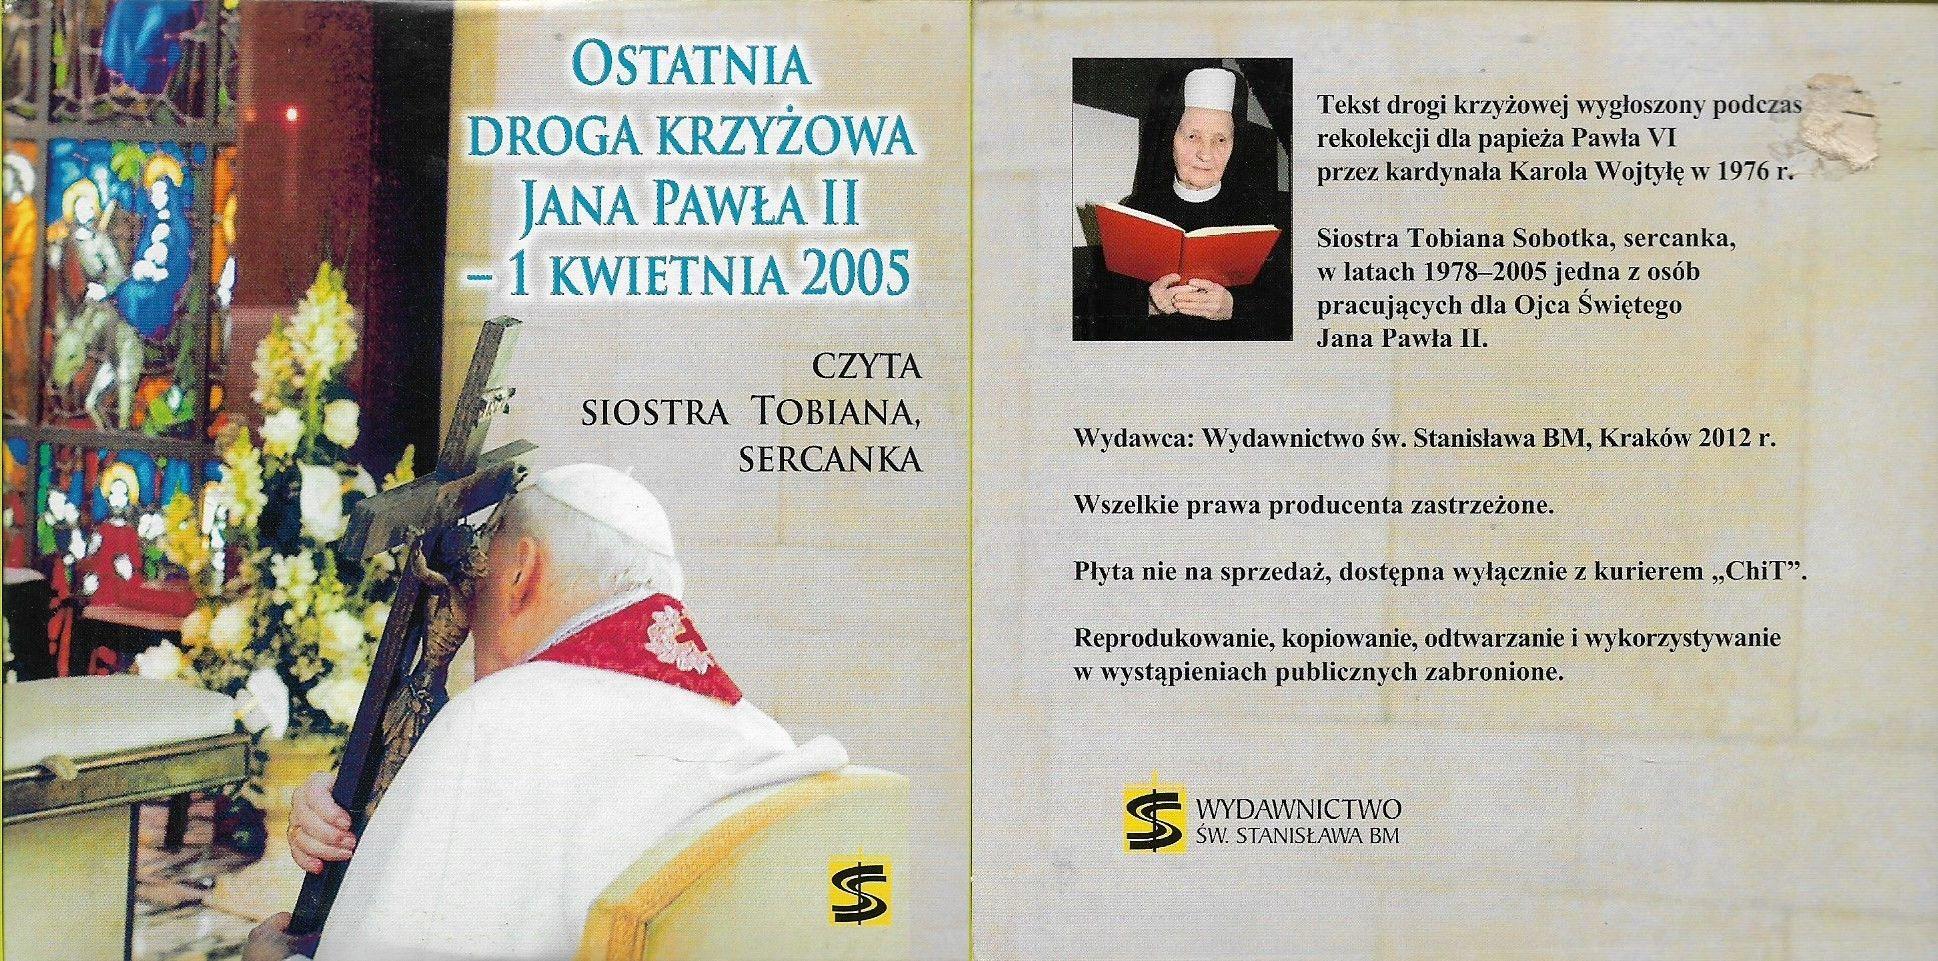 Ostatnia Droga Krzyżowa Jana Pawła II 1.04.2005 CD